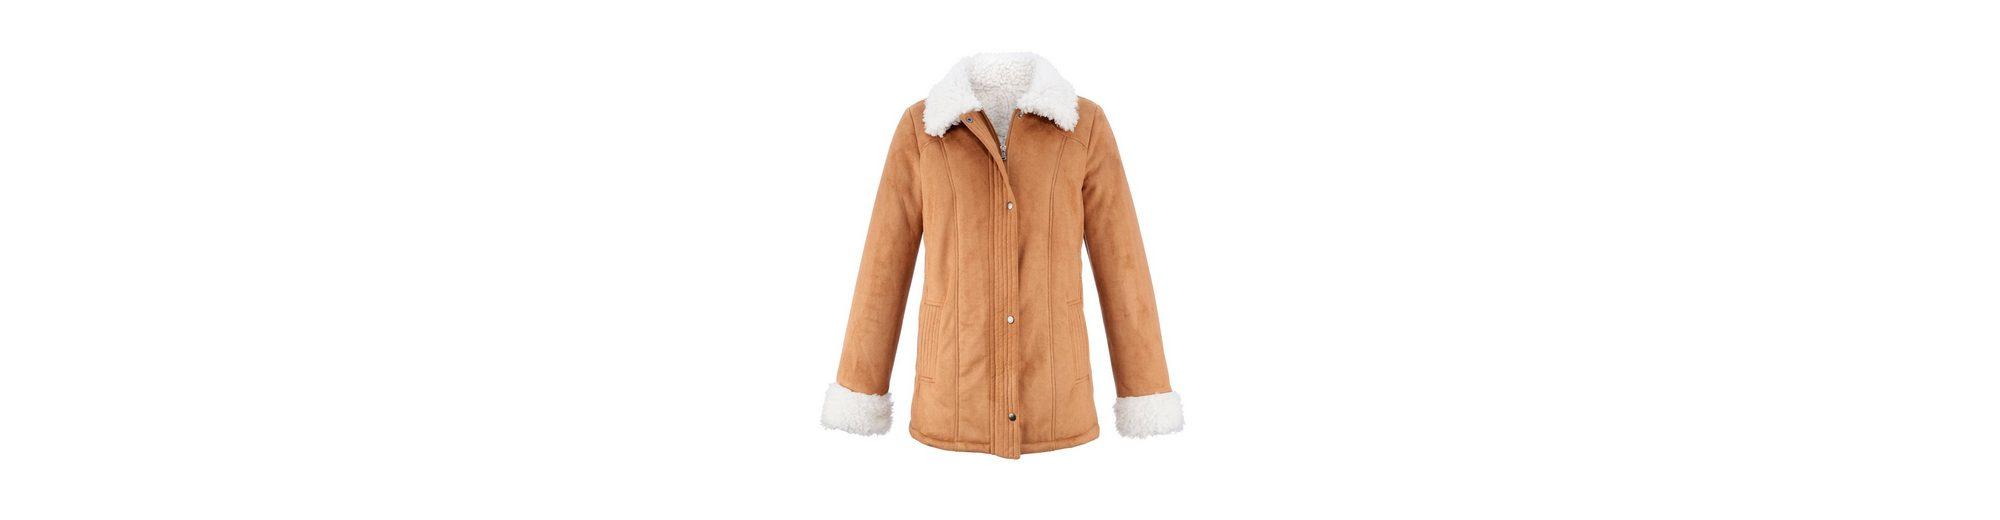 Mona Jacke aus Lammfellimitat Verkauf Amazon 2018 Neueste Preiswerte Online Freies Verschiffen Hohe Qualität Rabatt Mode-Stil Rabatt Schnelle Lieferung lvxdvWNuWt